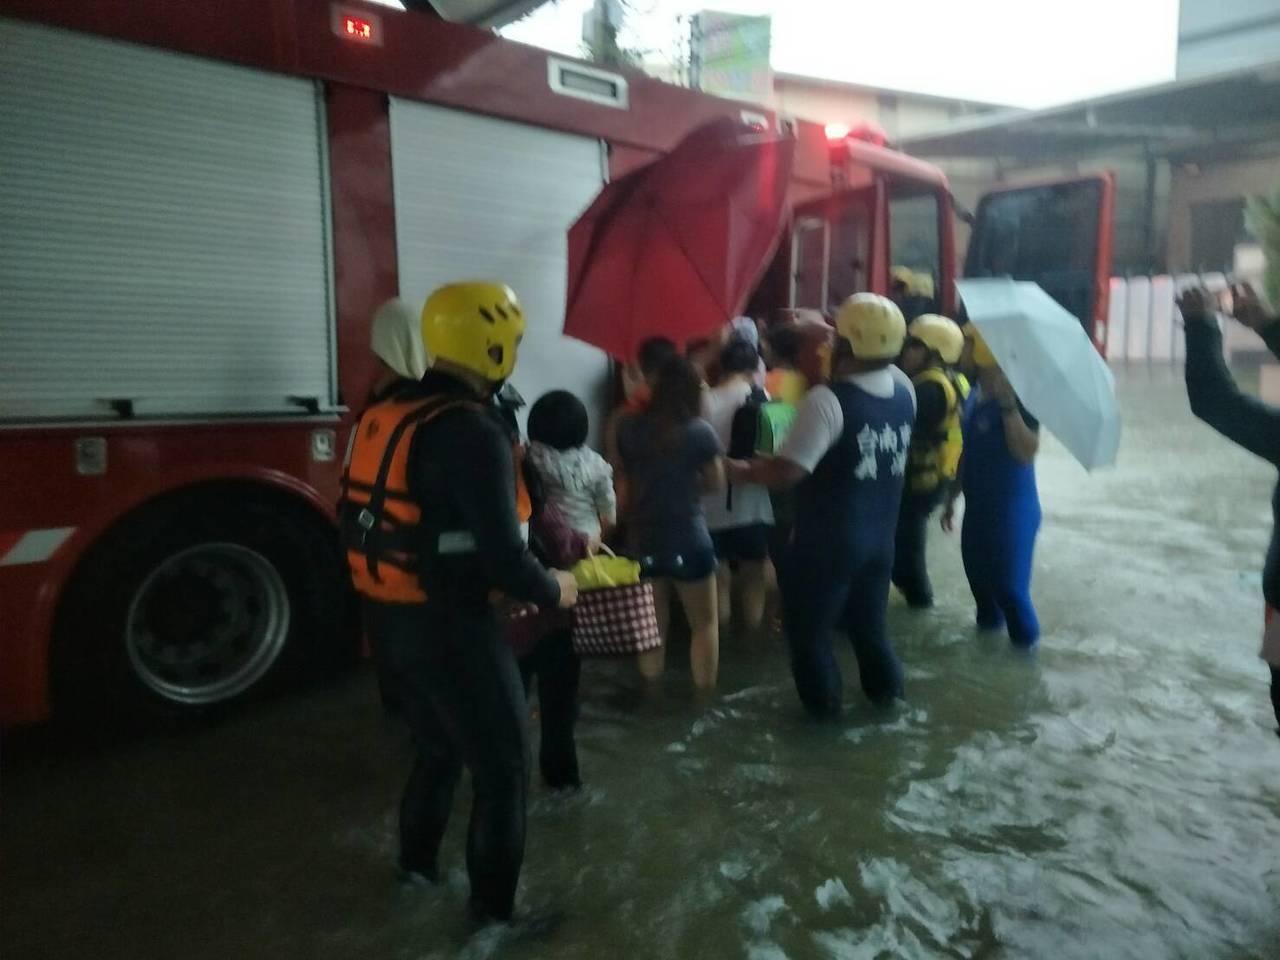 南市消防局下午4點多派遣2部橡皮艇到場,把華醫附設幼稚園4個班級共71位小朋友帶...